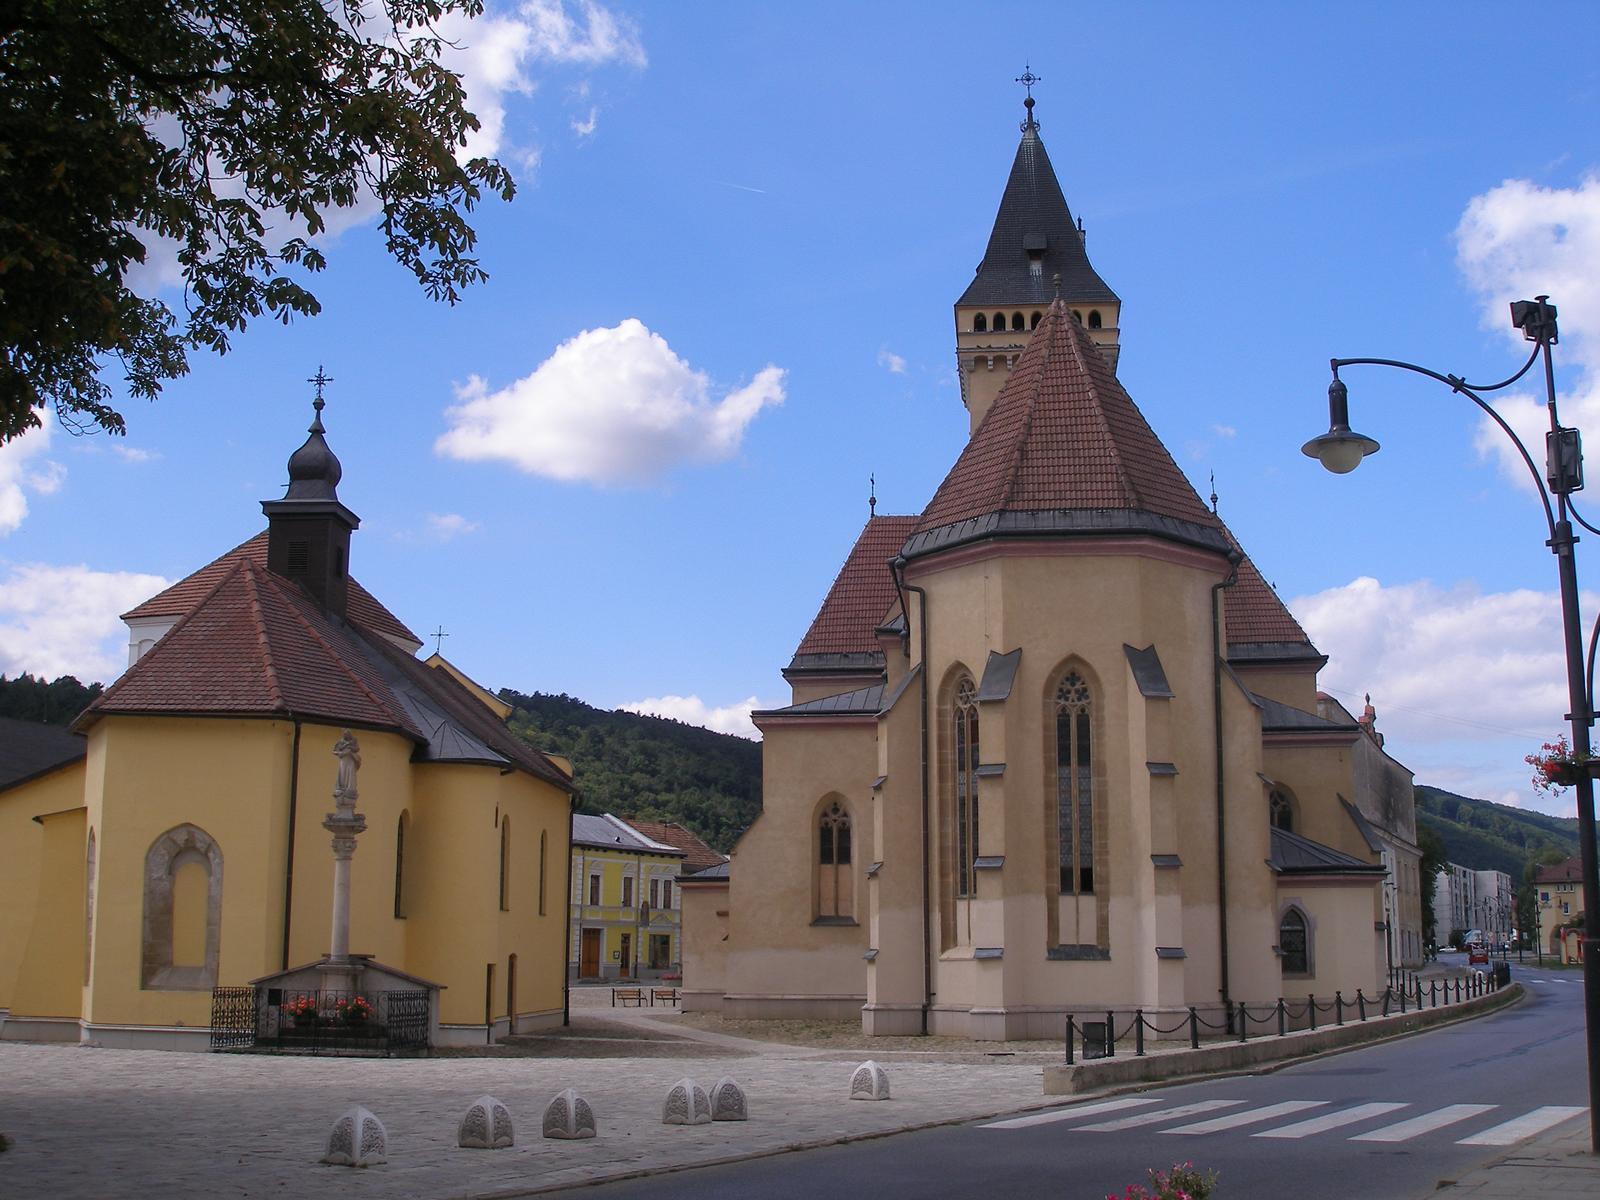 Krásne miesta Slovenska vhodné na svadobné fotenie - Sabinov